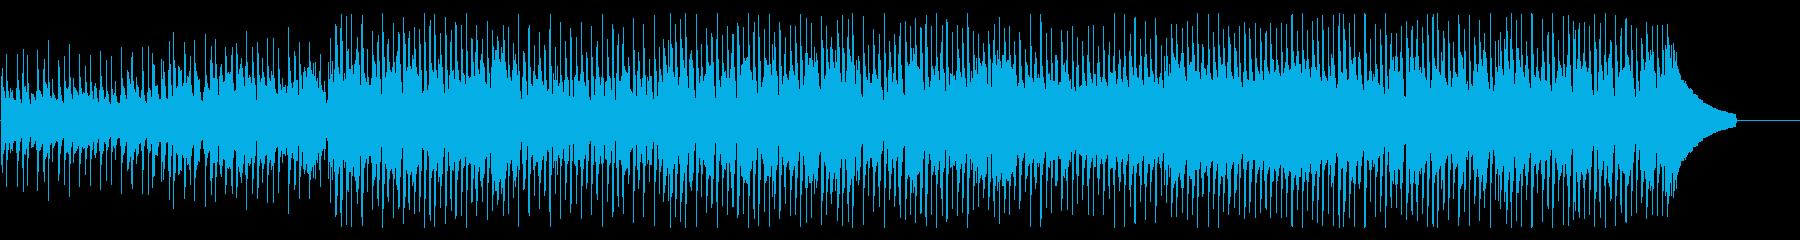 アップテンポで楽しいコーポレートBGMの再生済みの波形